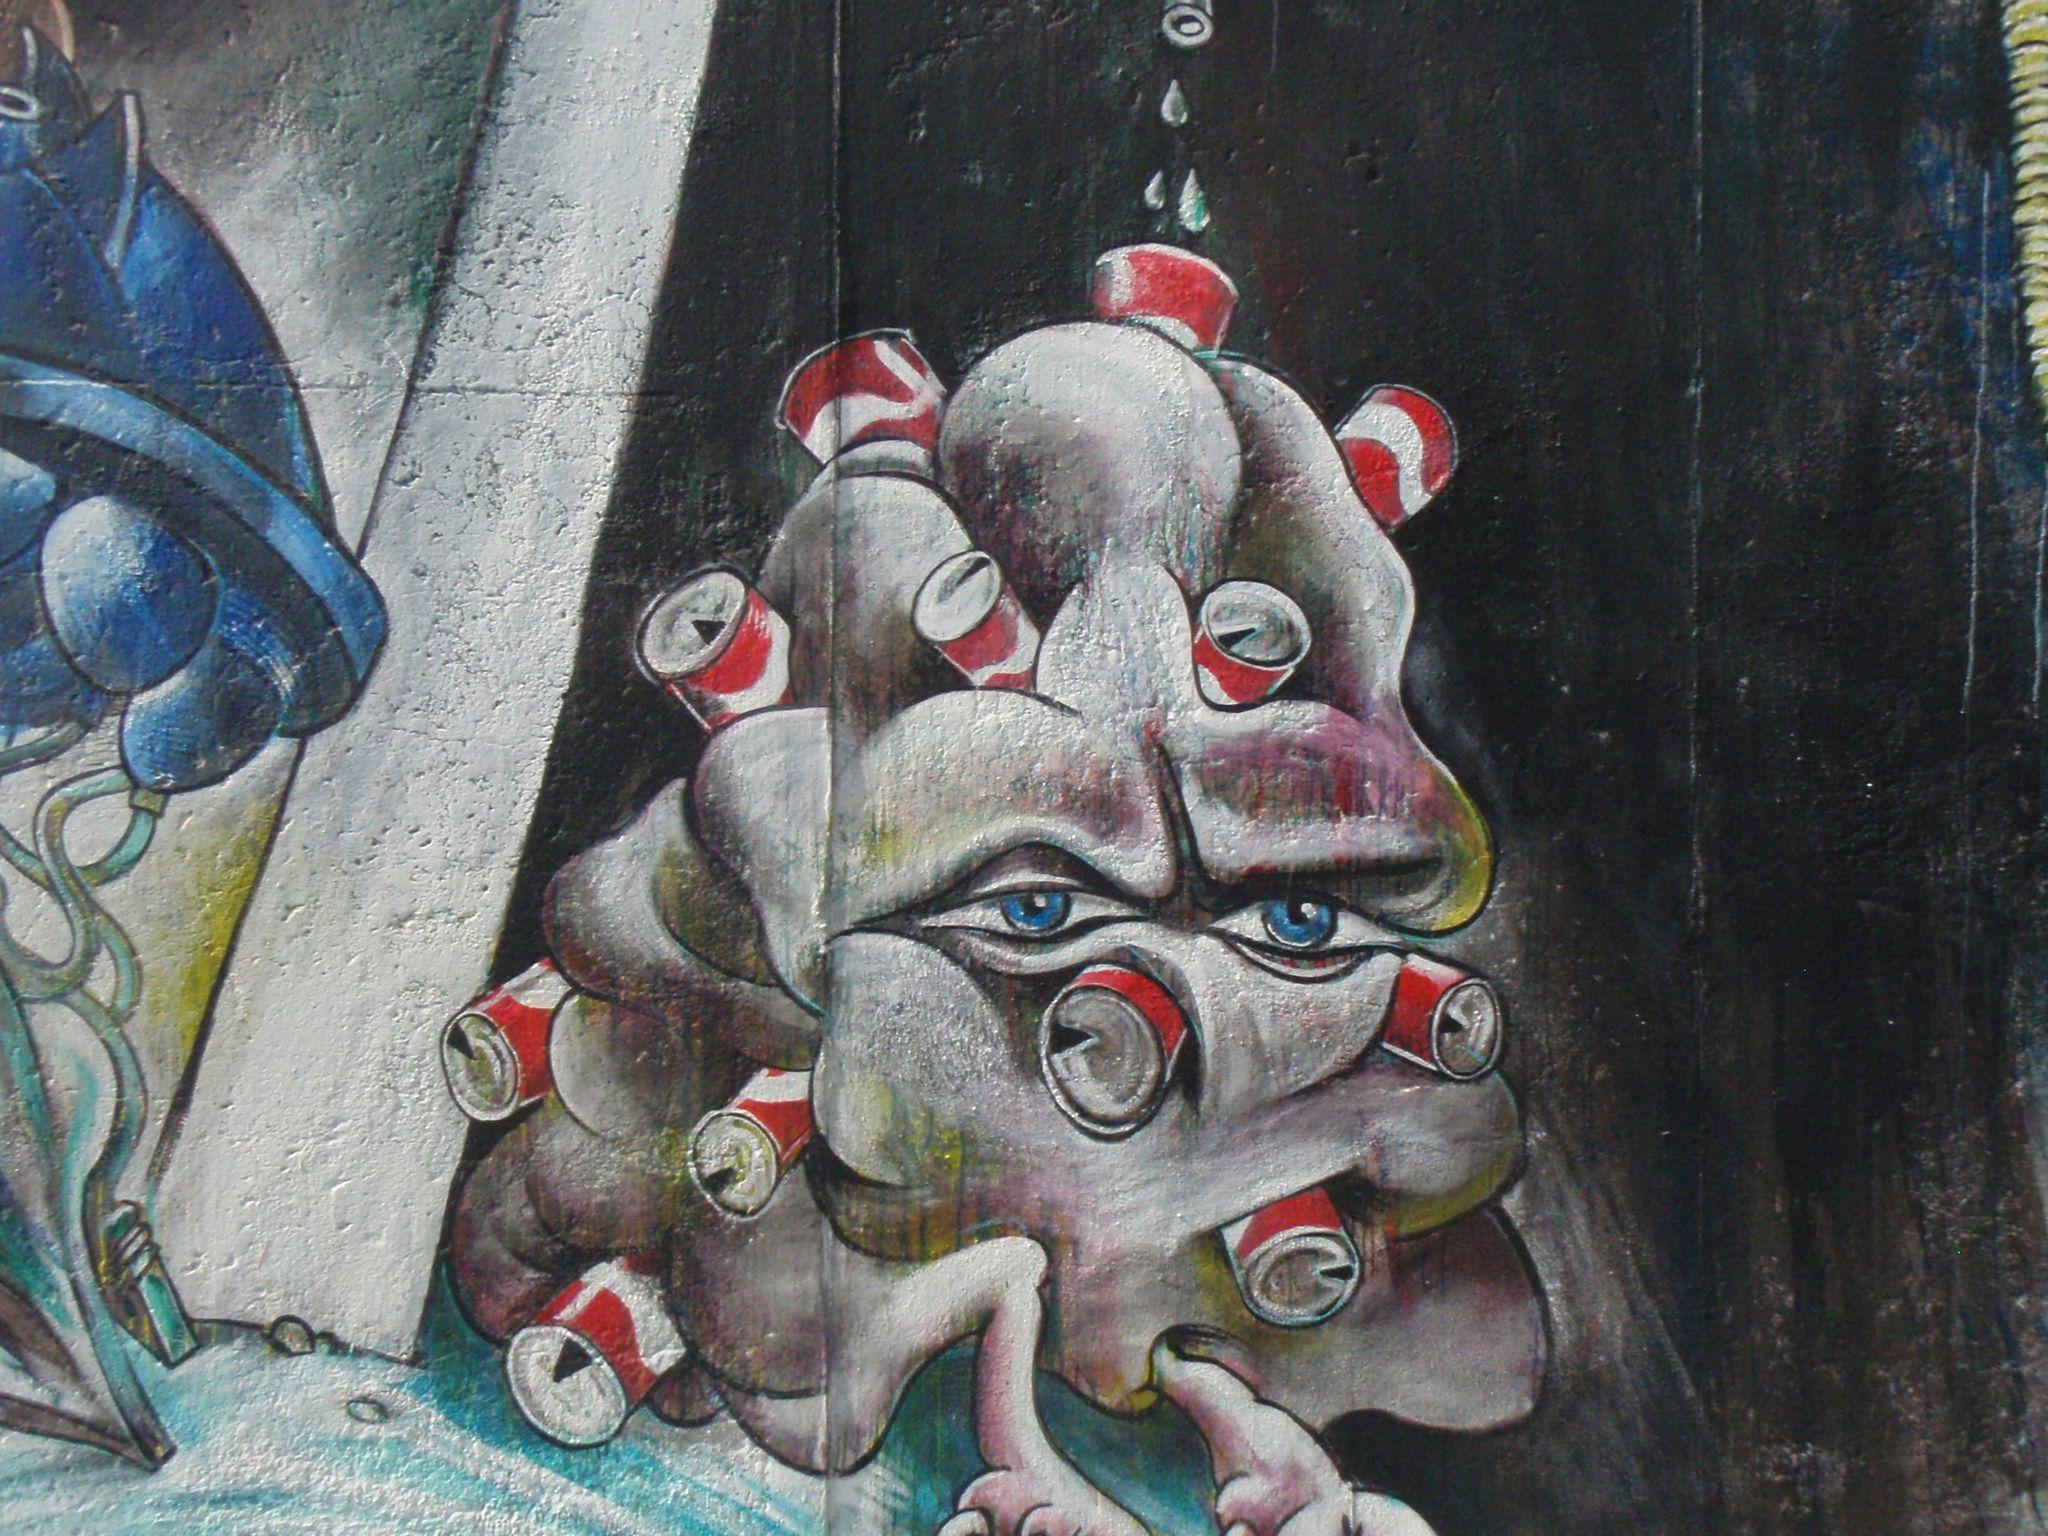 Berlijn straat kunst.